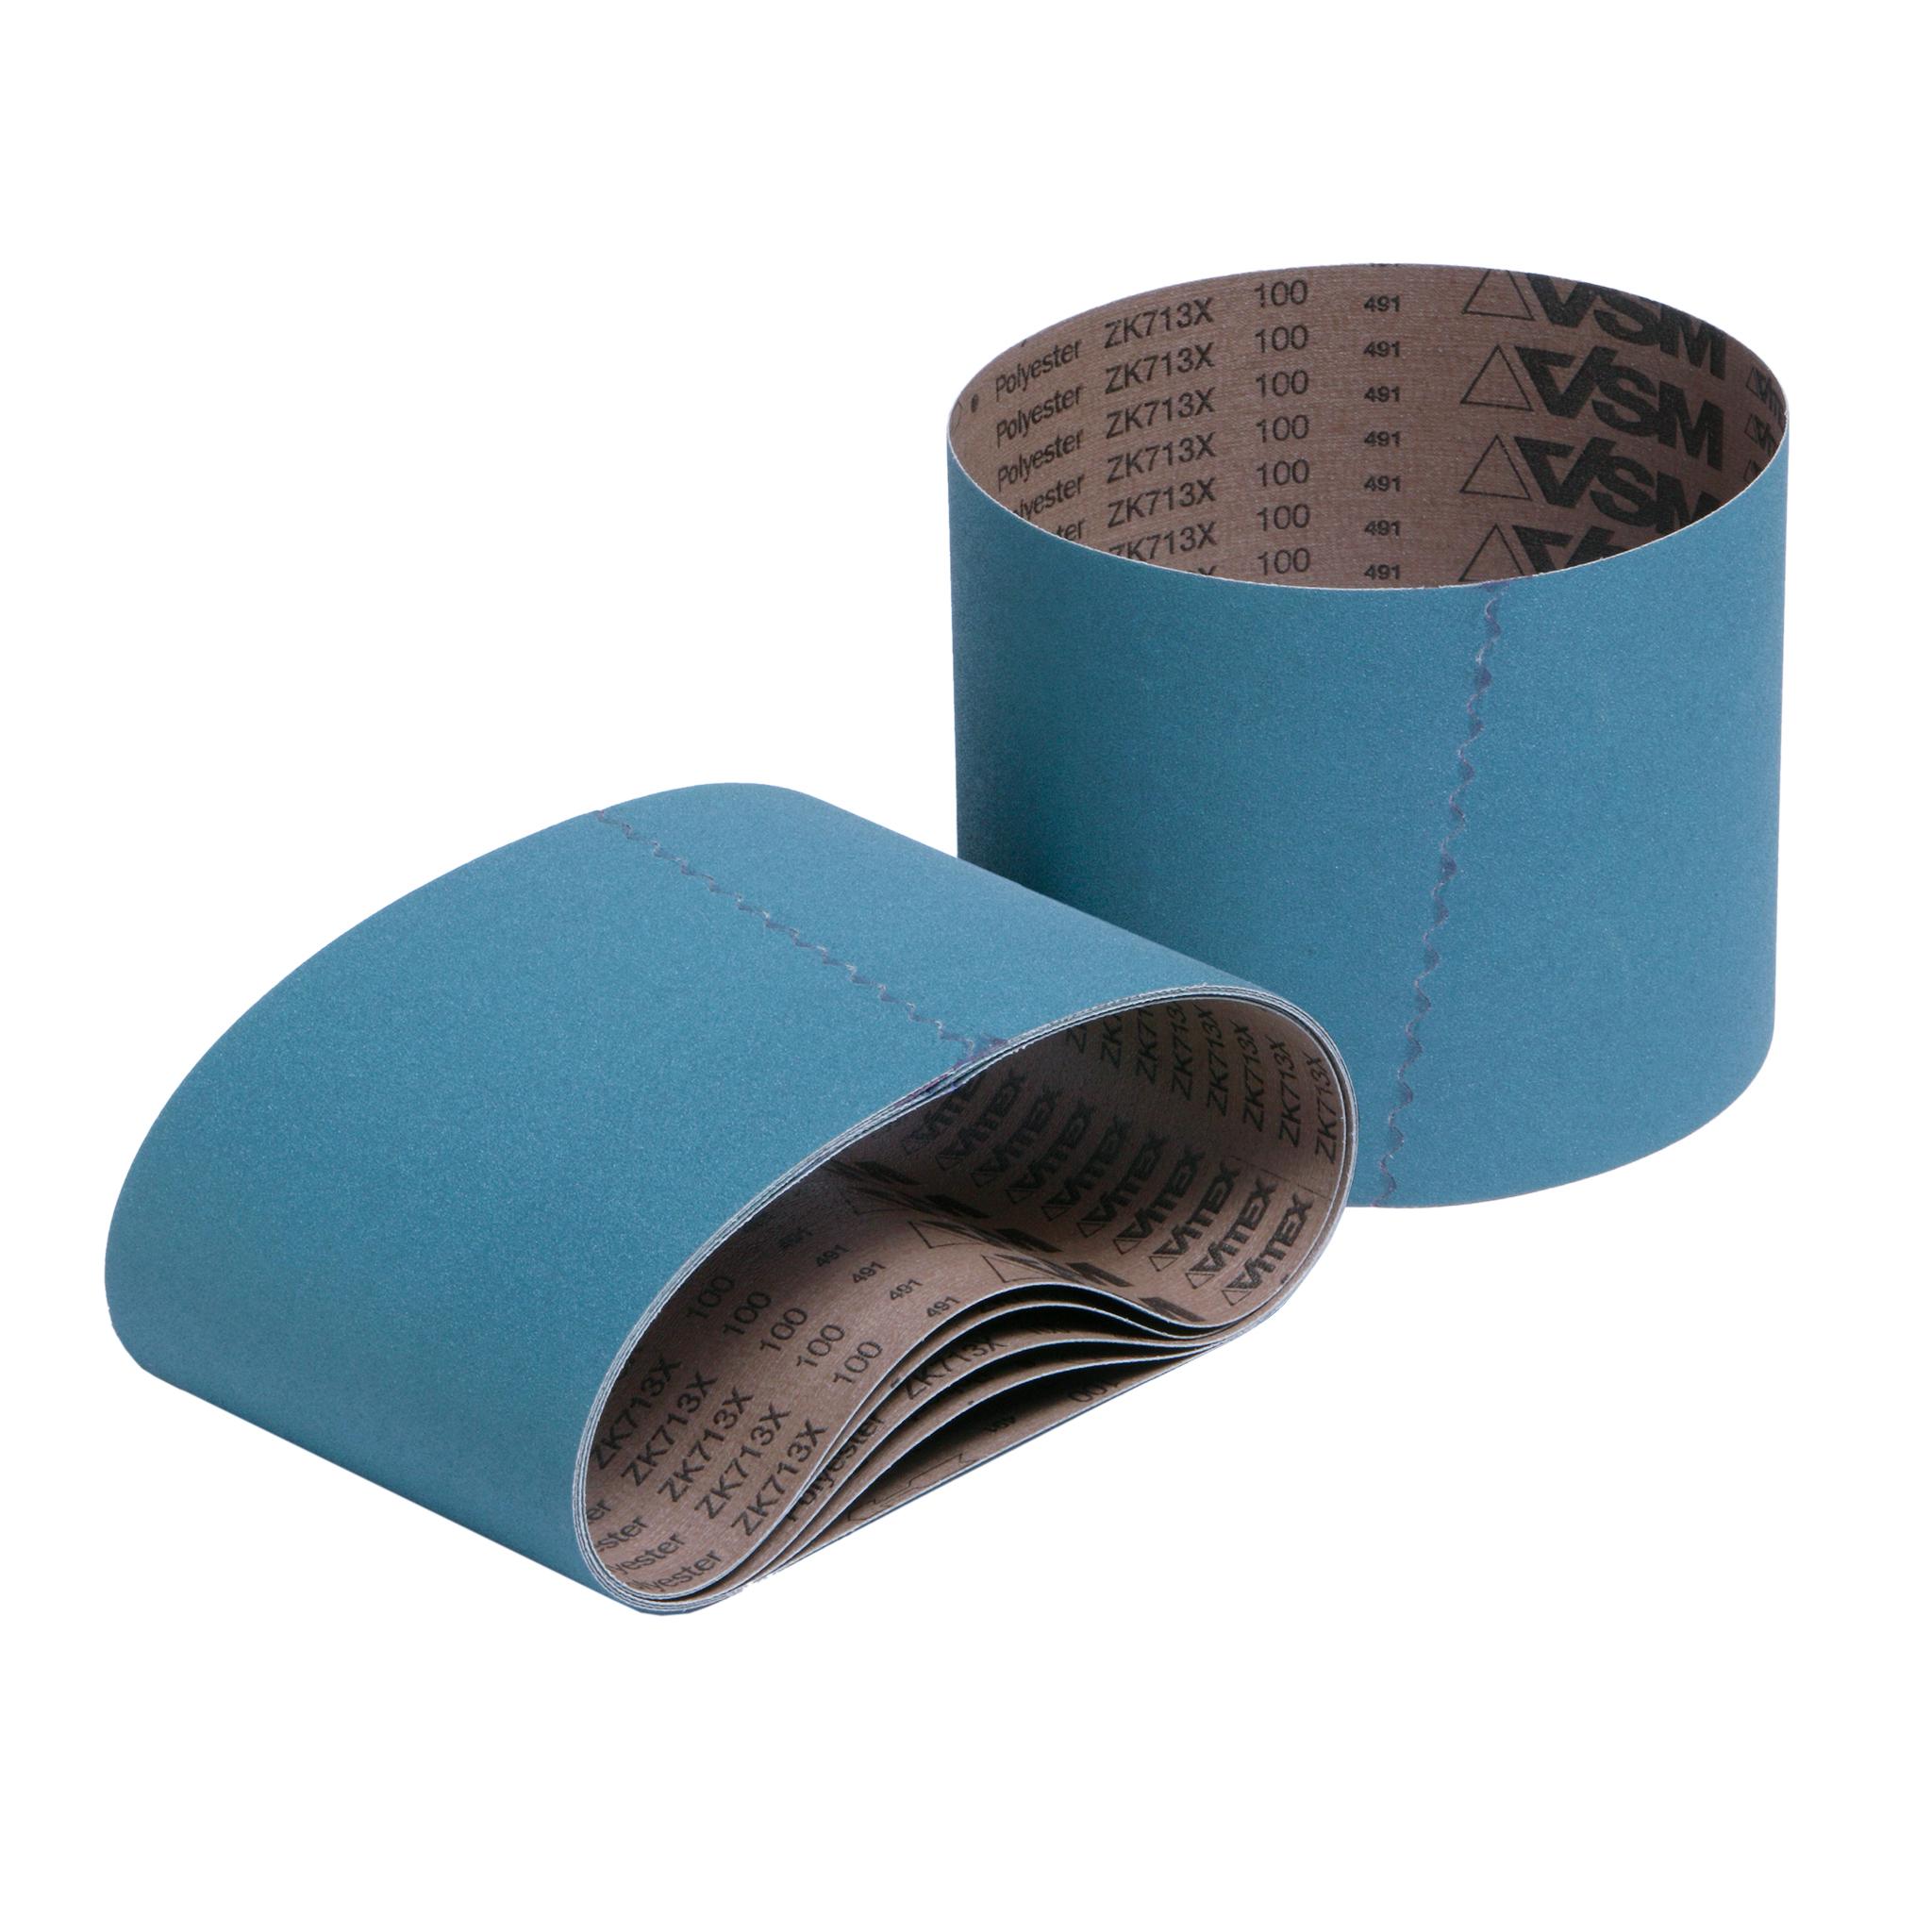 K 24 abrasive belt VSM ZK713X  200x750mm